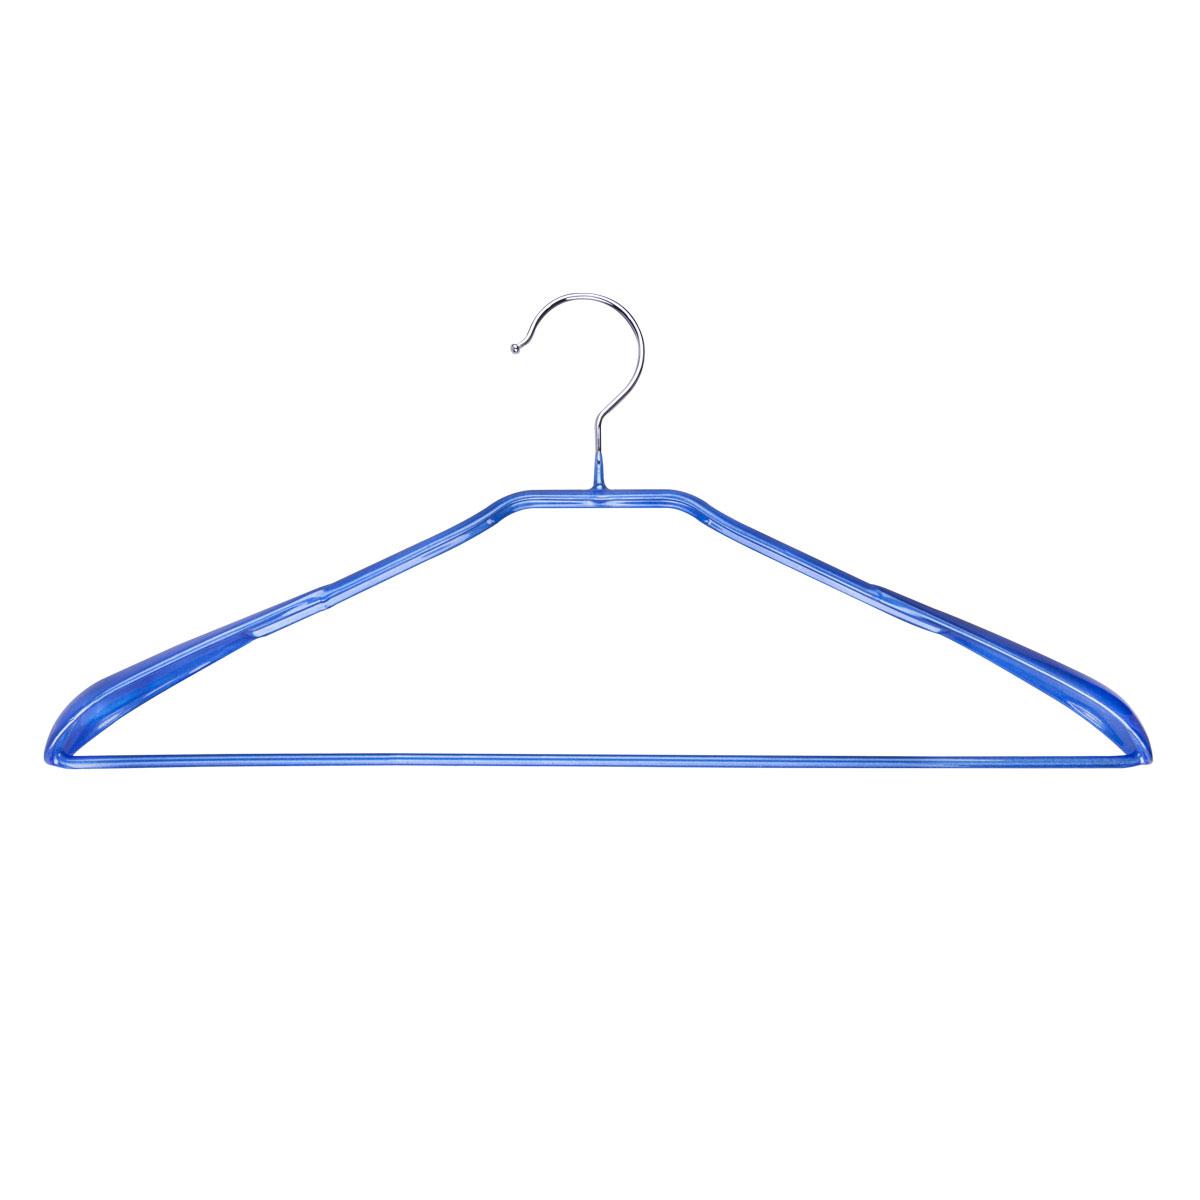 Вешалка для одежды Miolla, с расширенными плечиками, цвет: синий, 42 х 19 х 3,5 см2511017TBУниверсальная вешалка для одежды Miolla выполнена из прочной стали. Специальное резиновое покрытие предотвращает соскальзывание одежды. Изделие оснащено перекладиной для брюк и расширенными плечиками. Вешалка - это незаменимая вещь для того, чтобы ваша одежда всегда оставалась в хорошем состоянии.